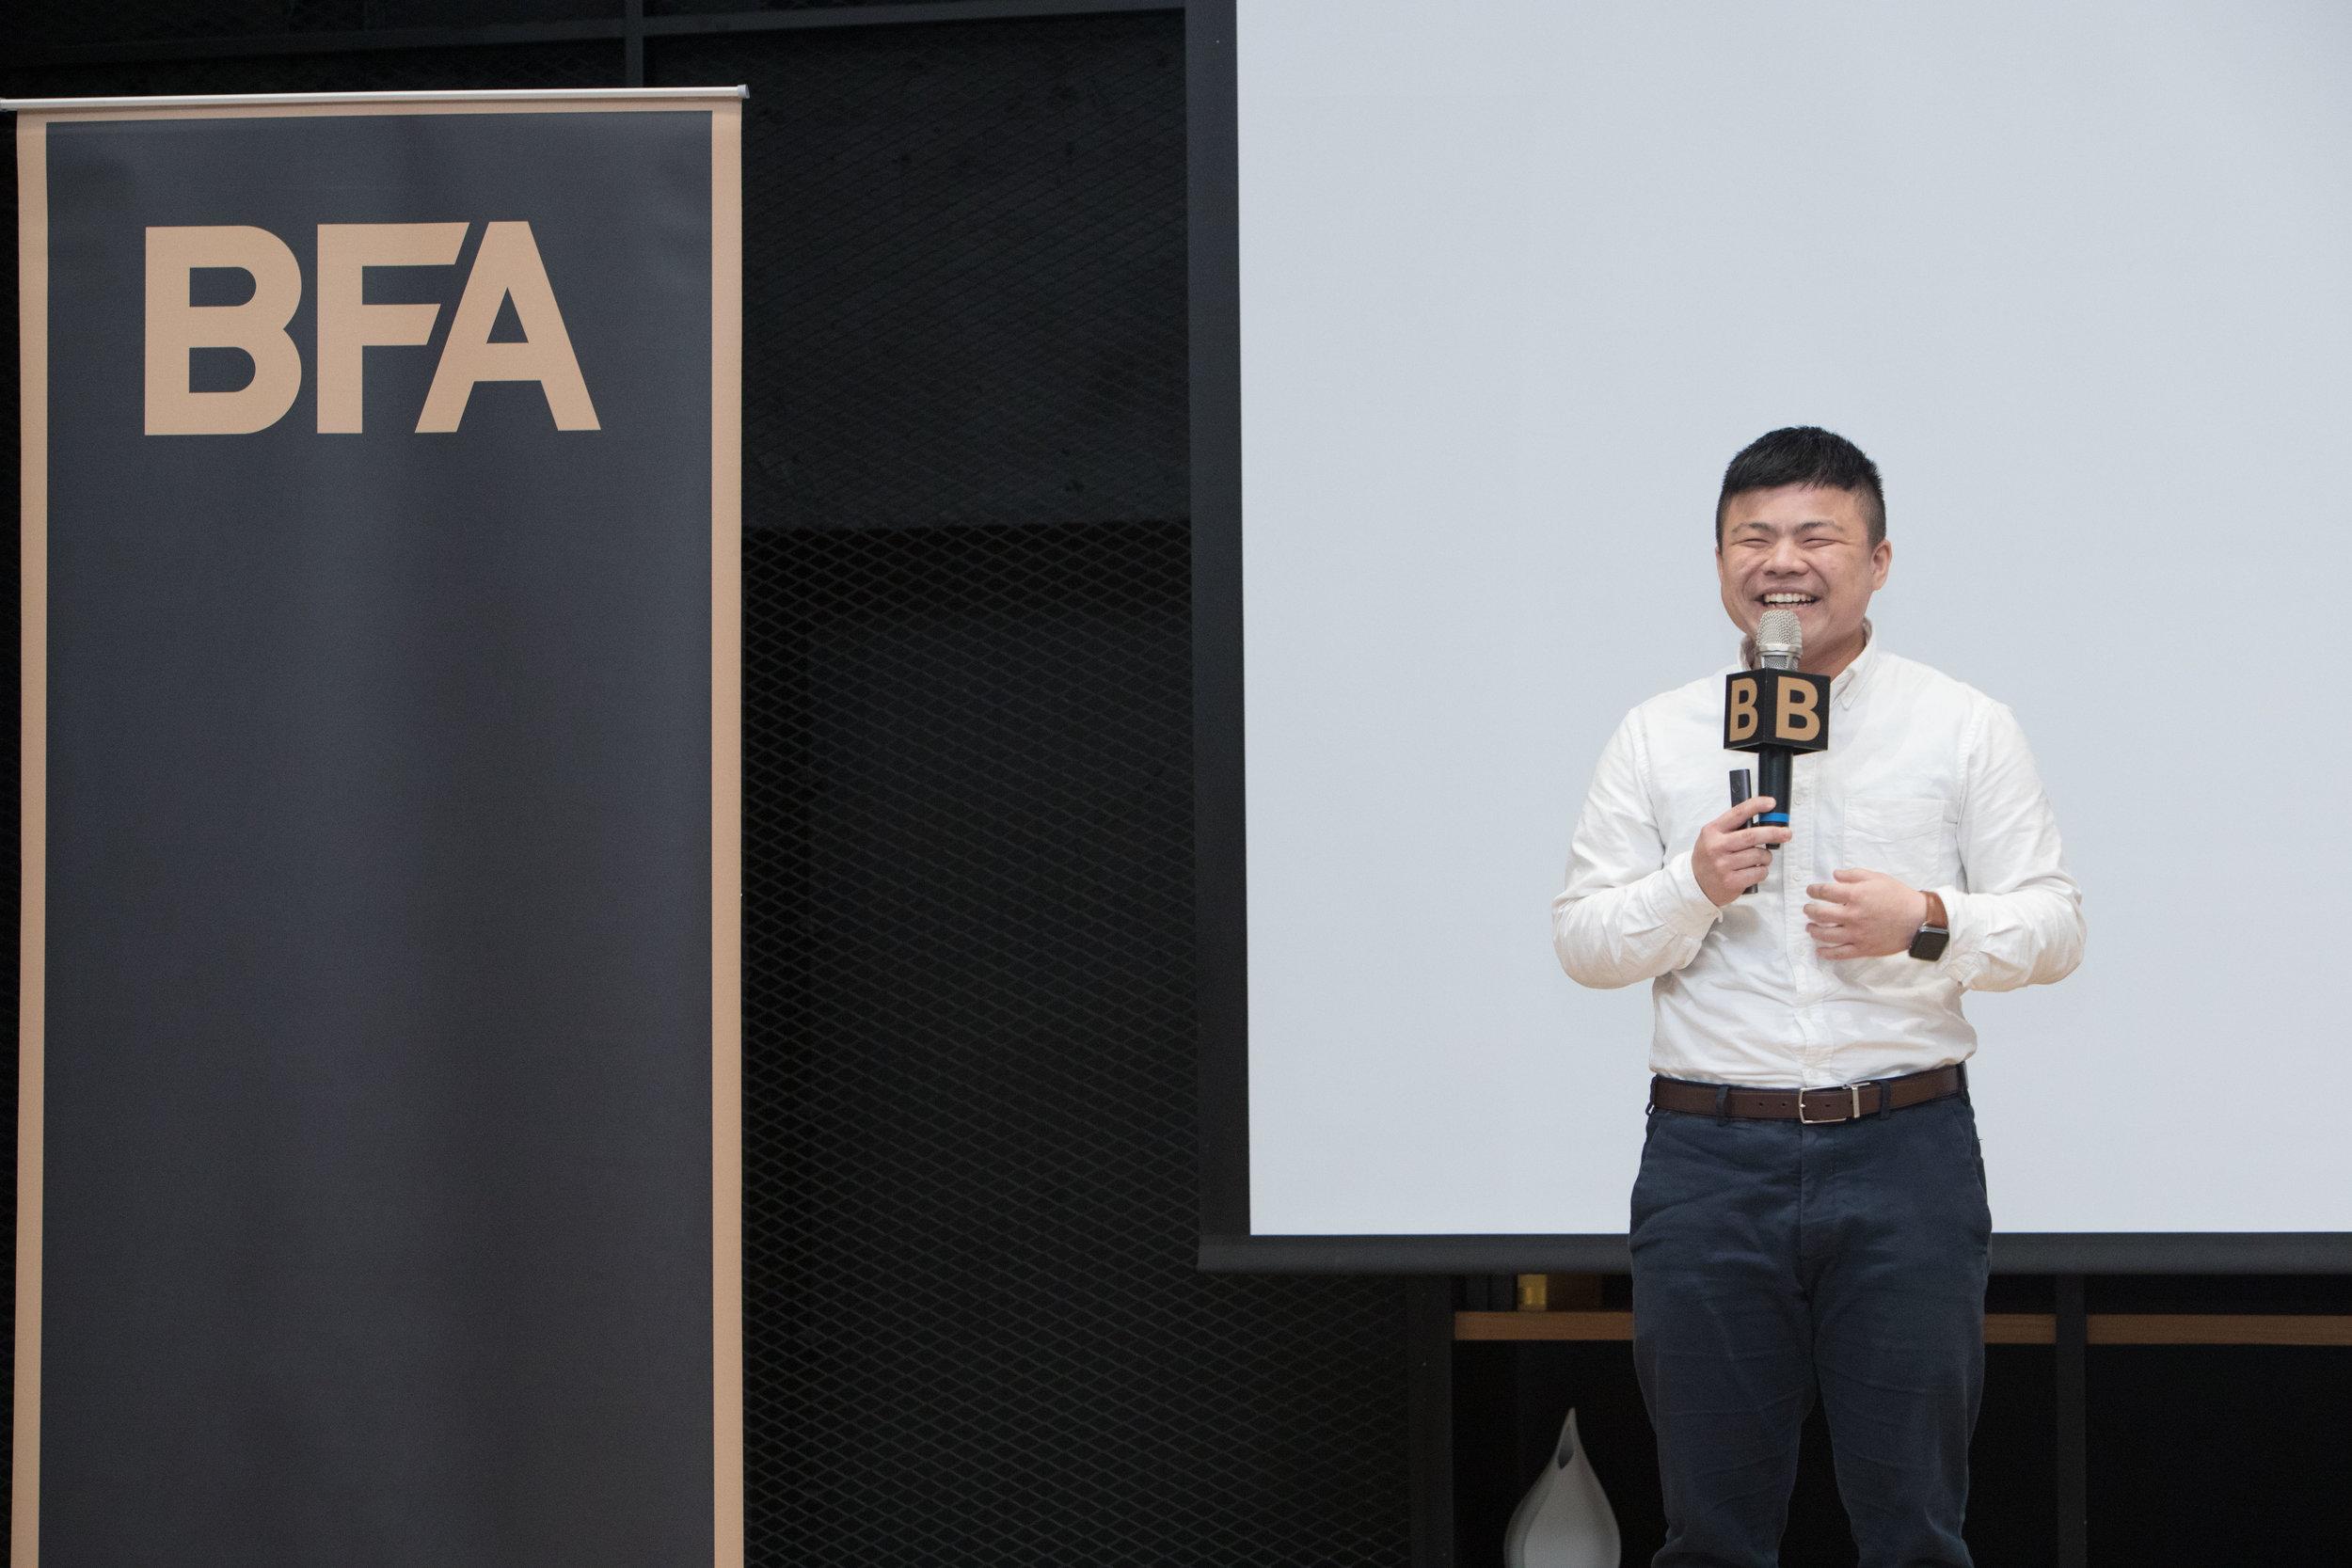 LINE TV 業務經理 郭璿皓:過去影響現在 愛是秘密武器